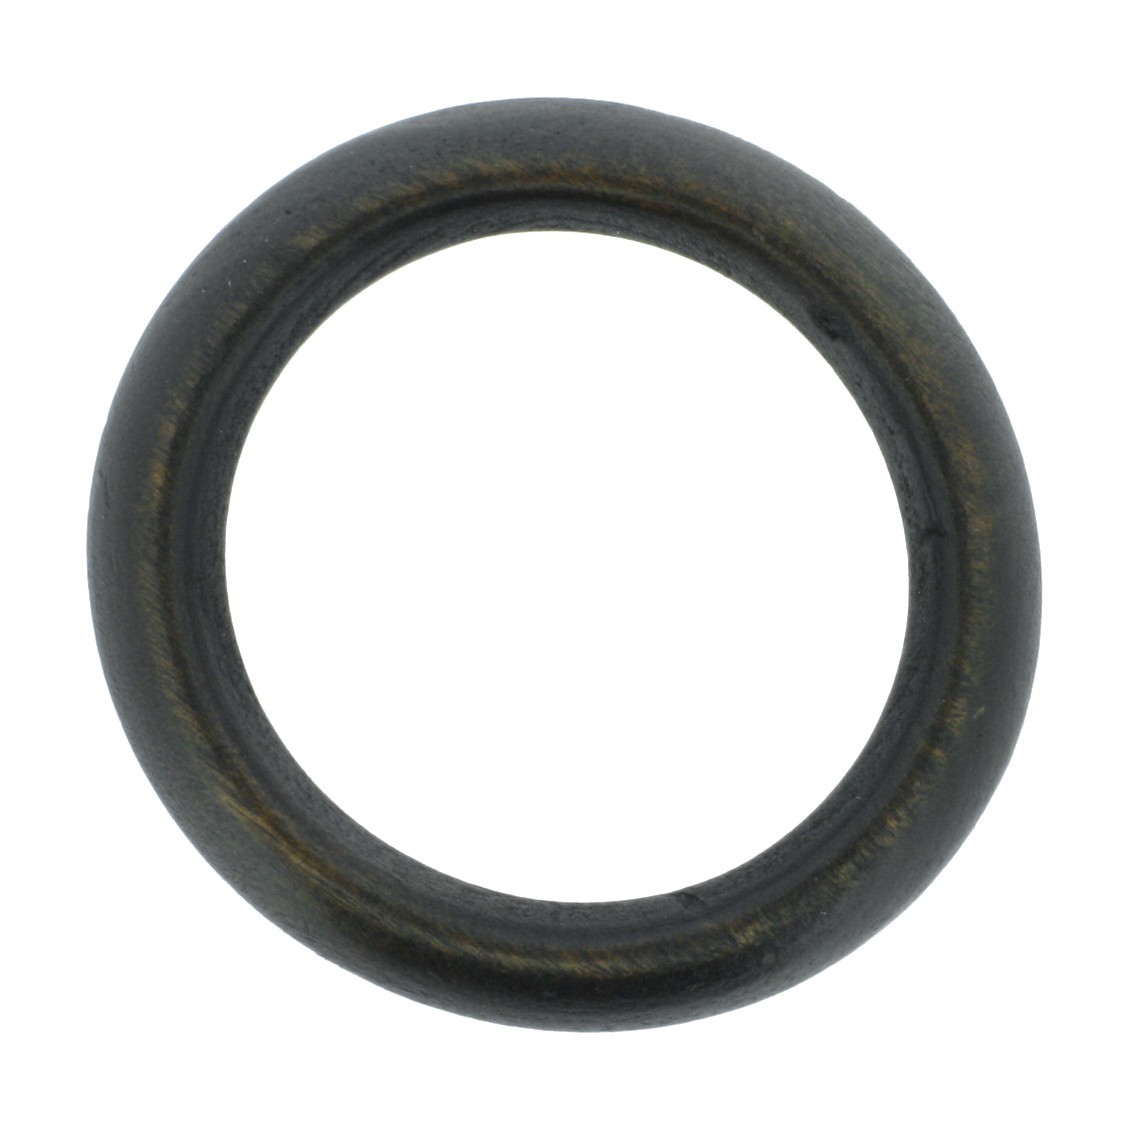 Argola de Madeira - 68mm - Imbuia  - Stéphanie Bijoux® - Peças para Bijuterias e Artesanato